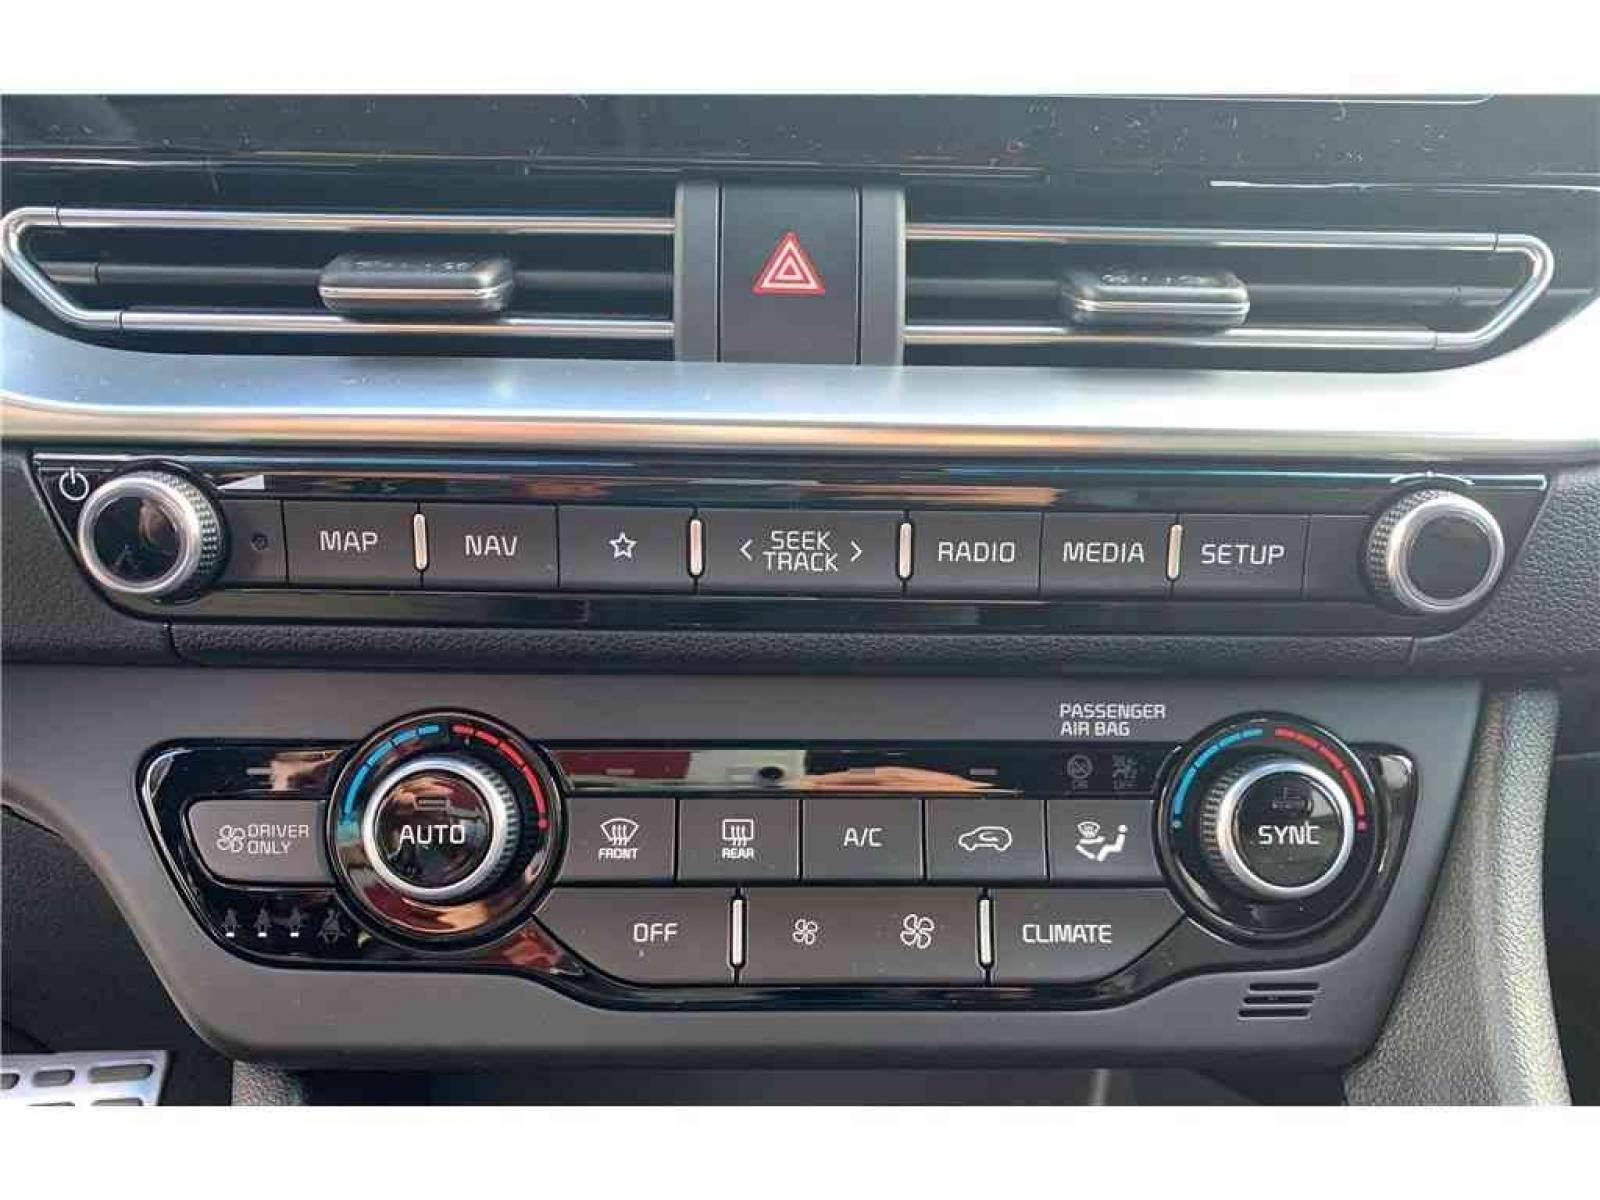 KIA Niro Hybrid Recharg 1.6 GDi 105 ch ISG + Elec 60.5 ch DCT6 - véhicule d'occasion - Groupe Guillet - Hall de l'automobile - Montceau les Mines - 71300 - Montceau-les-Mines - 27